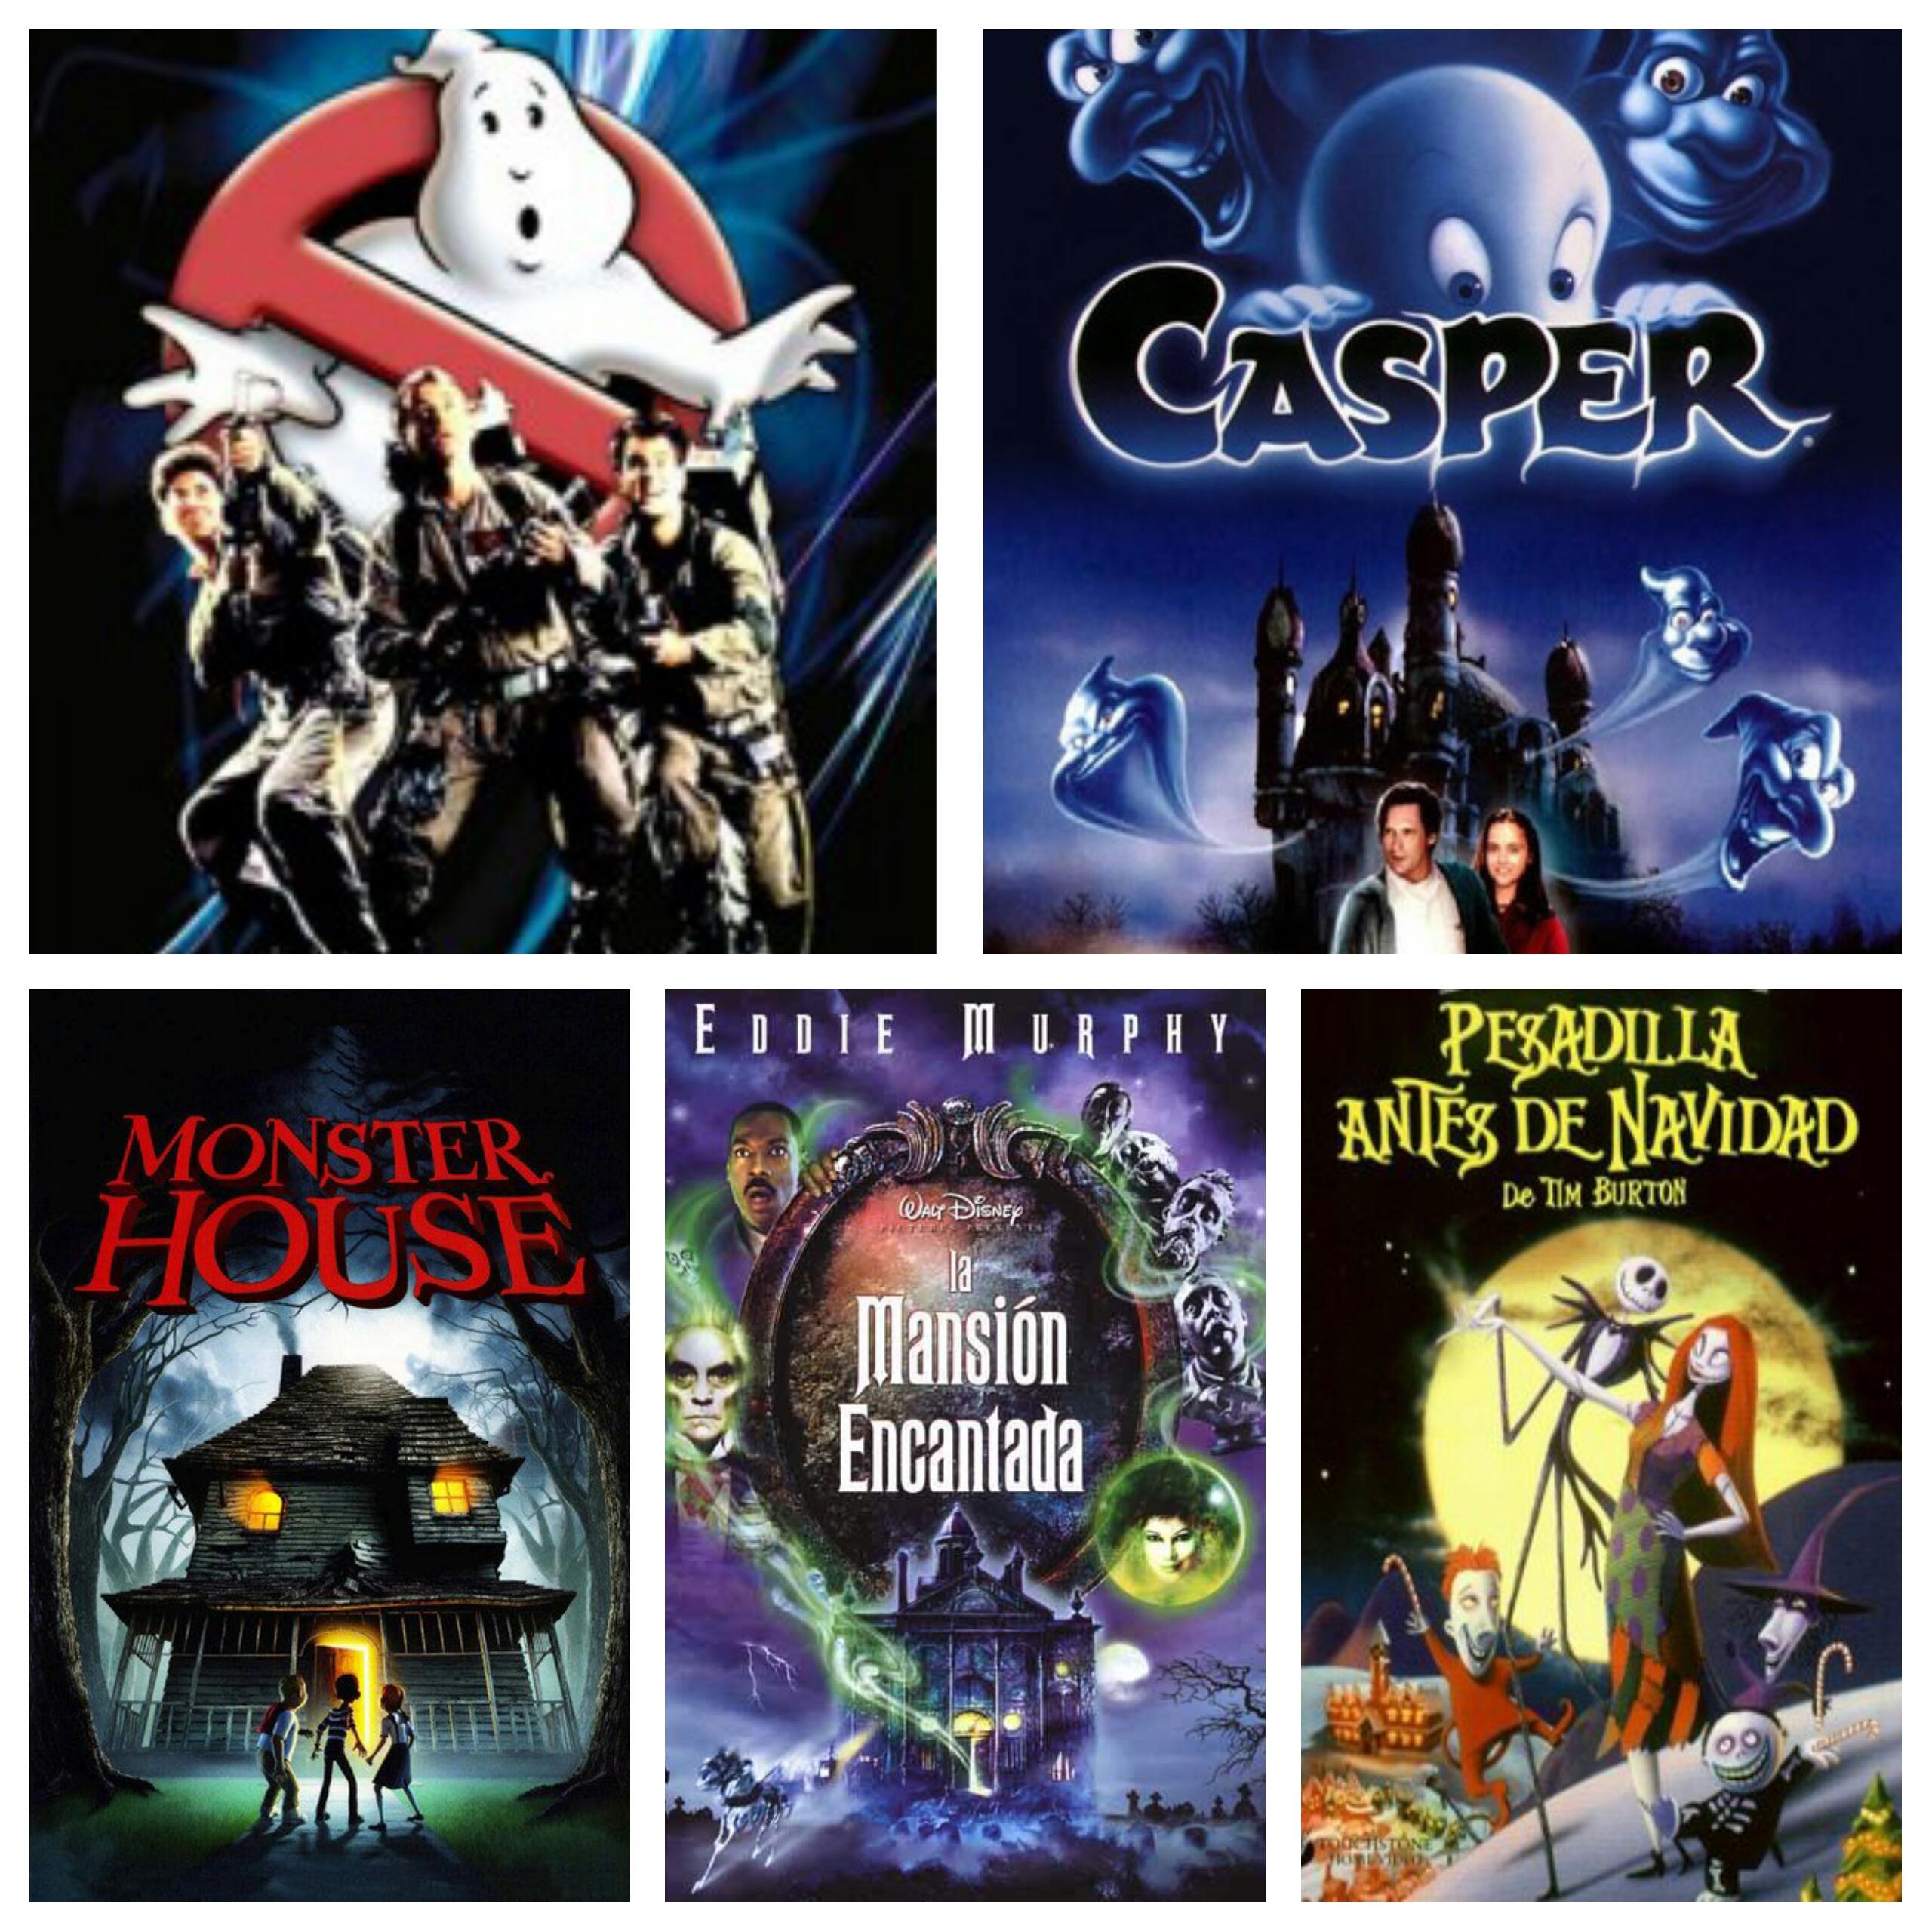 Películas para Halloween